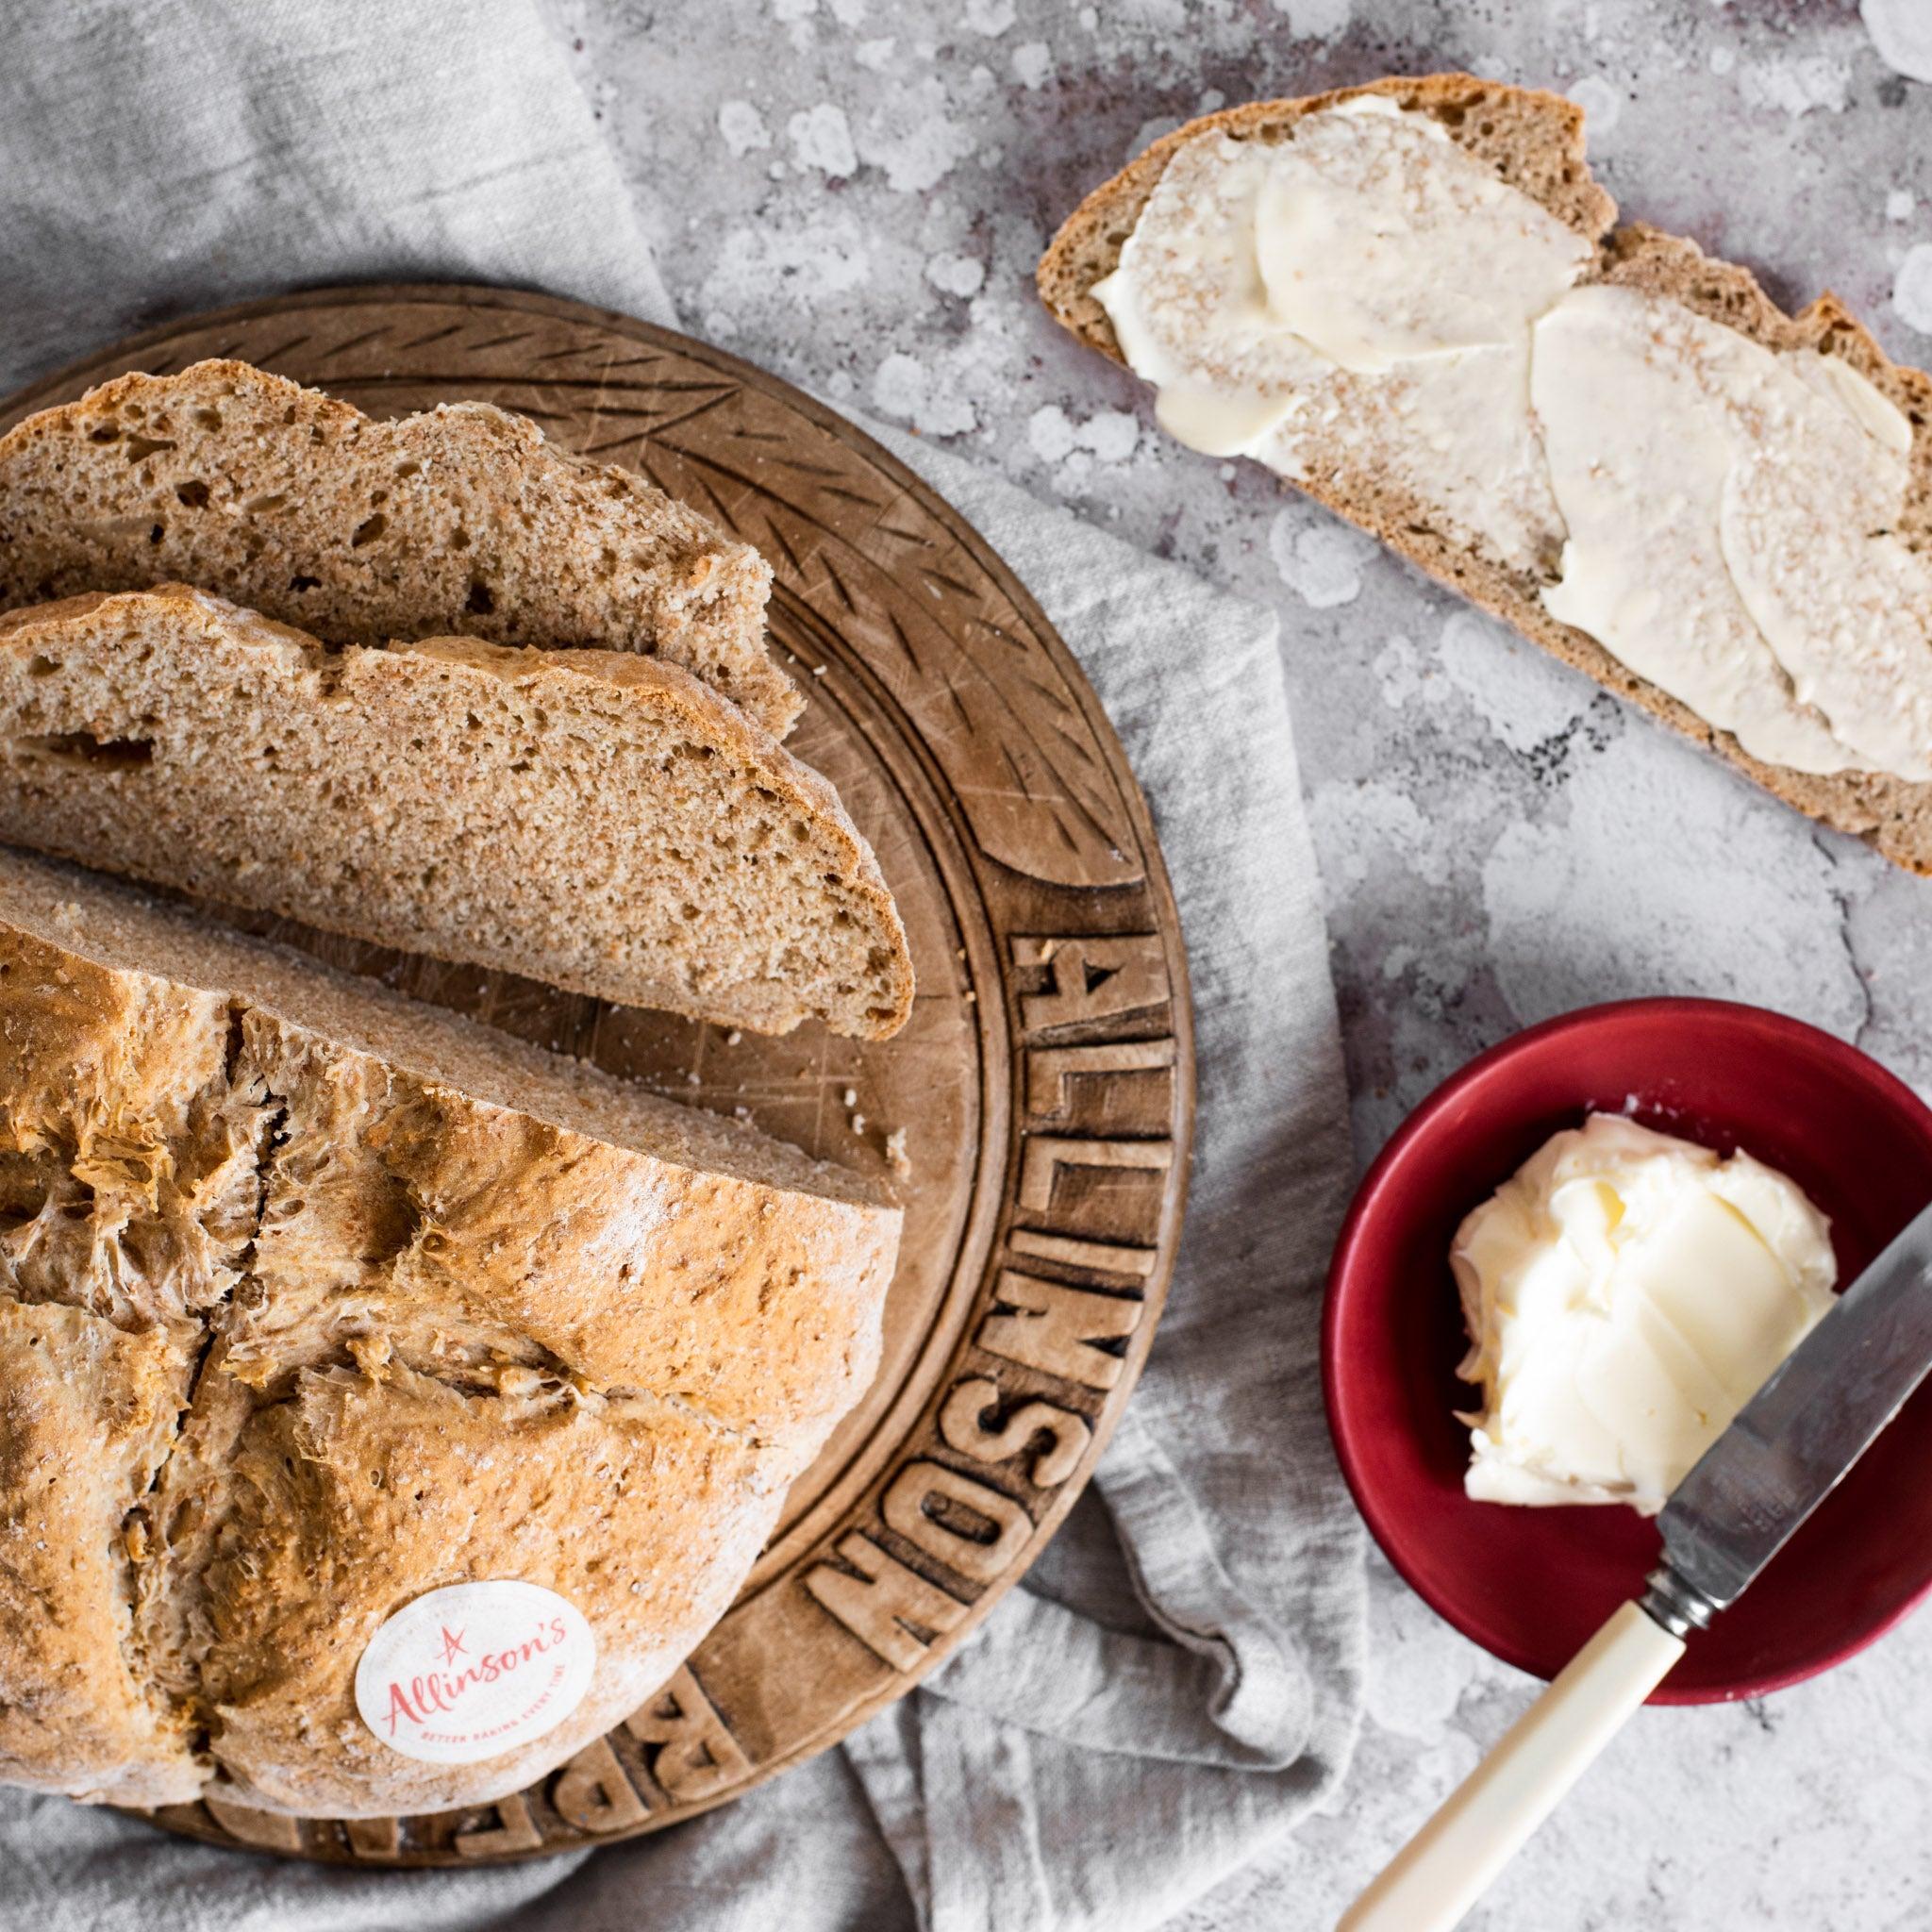 Soda-Bread-by-Allinson-s-(2).jpg